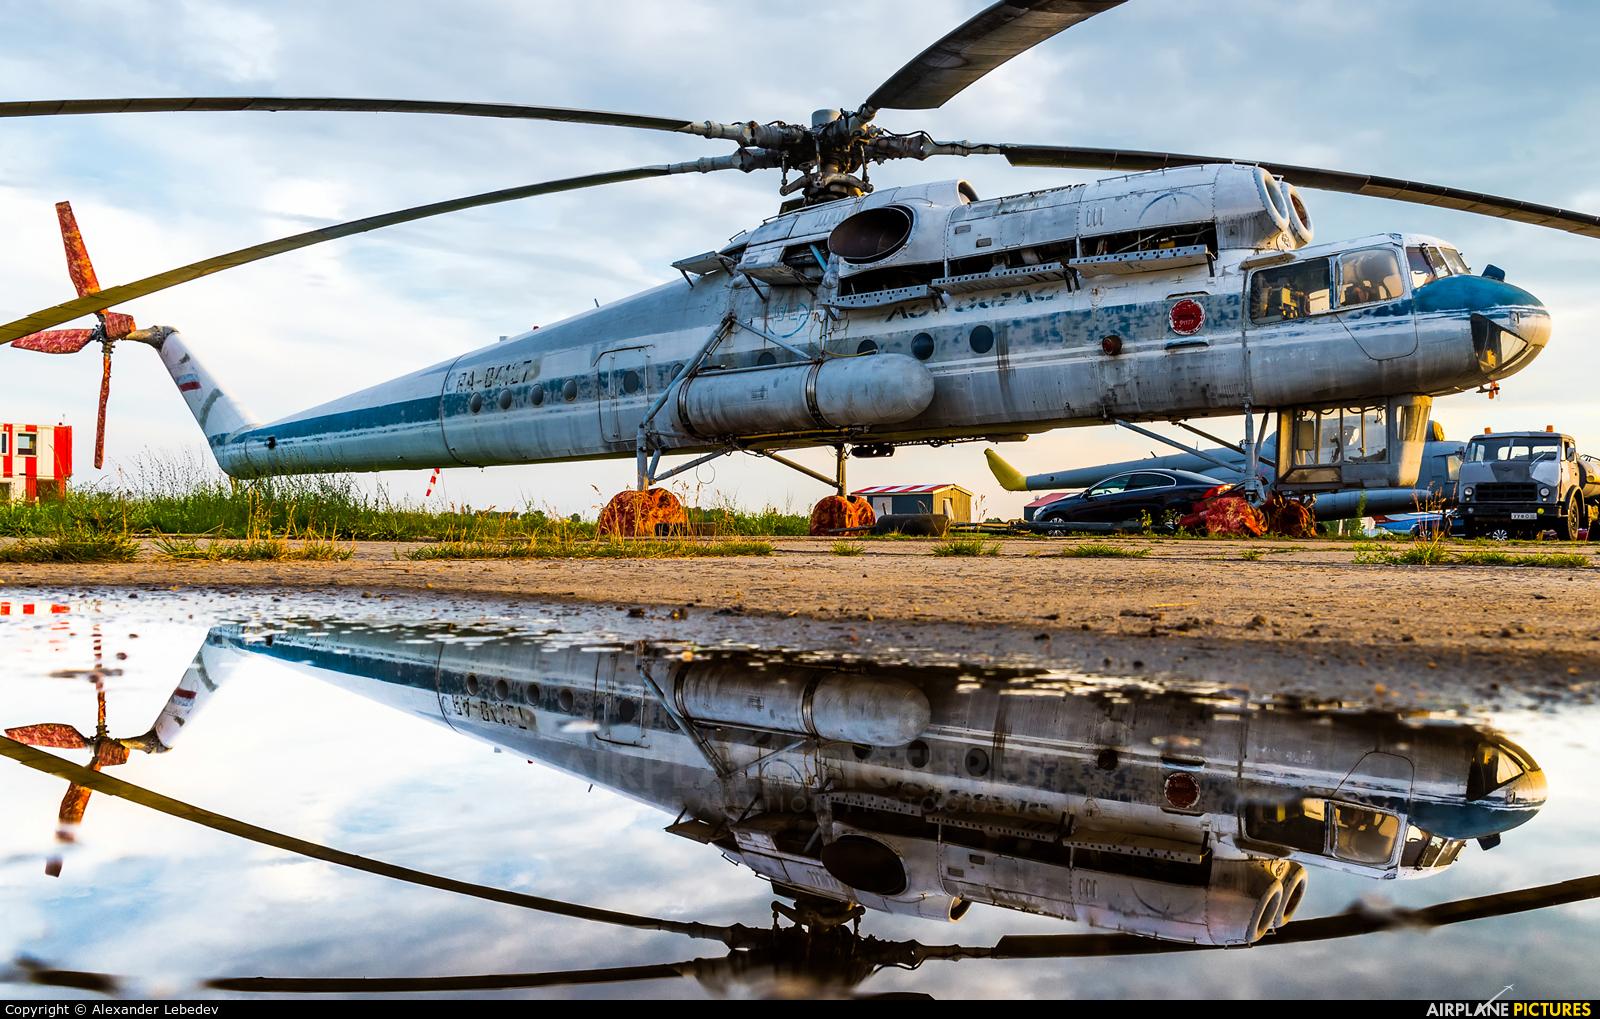 Private RA-04127 aircraft at Oreshkovo